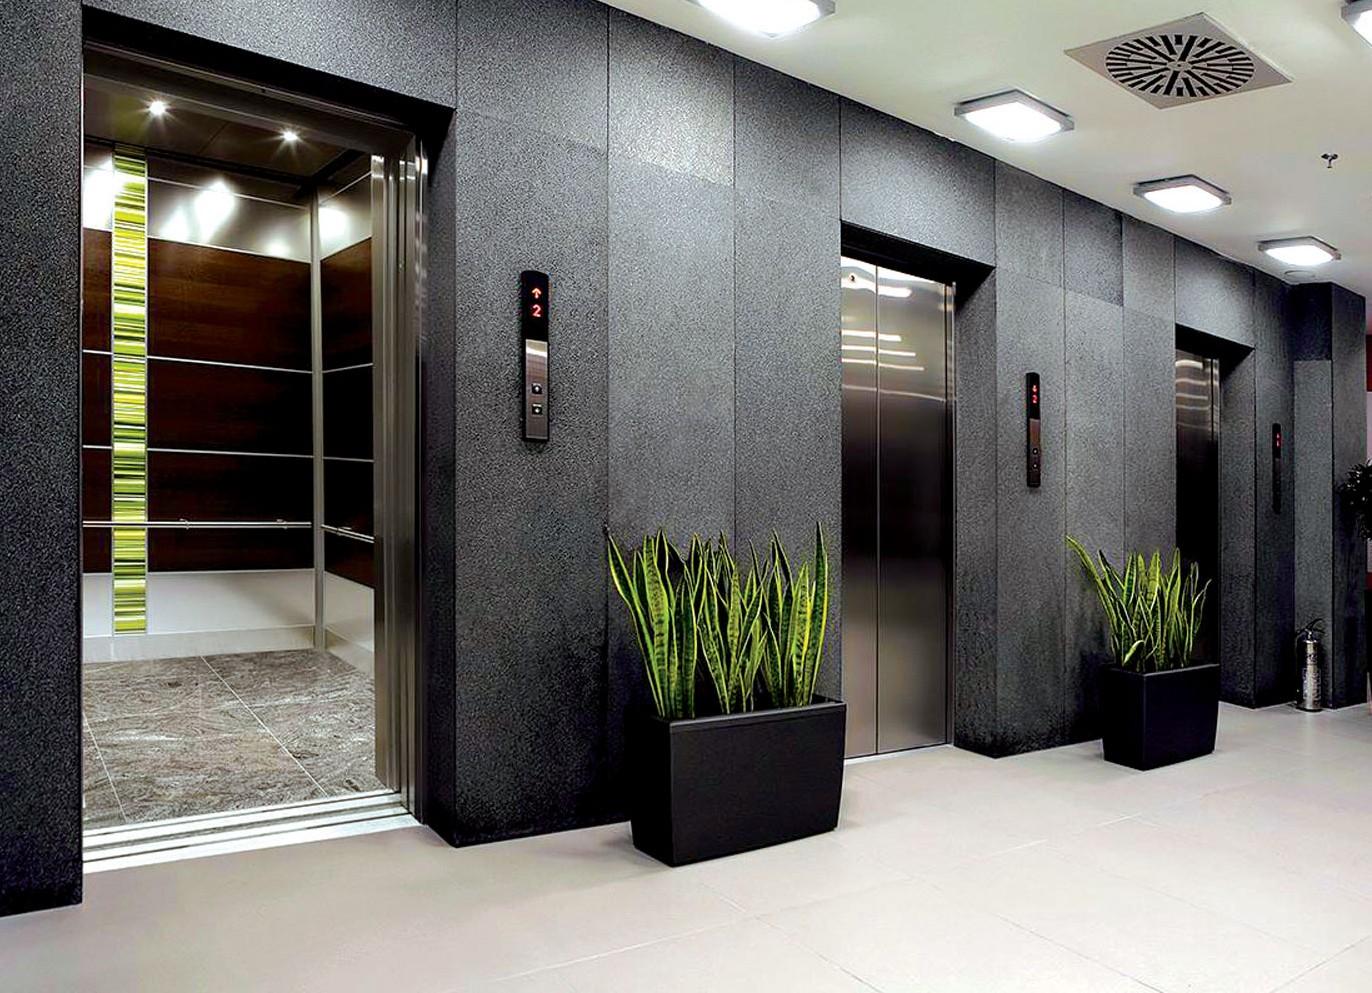 Liftovska vrata imaju prevashodno zaštitnu ulogu